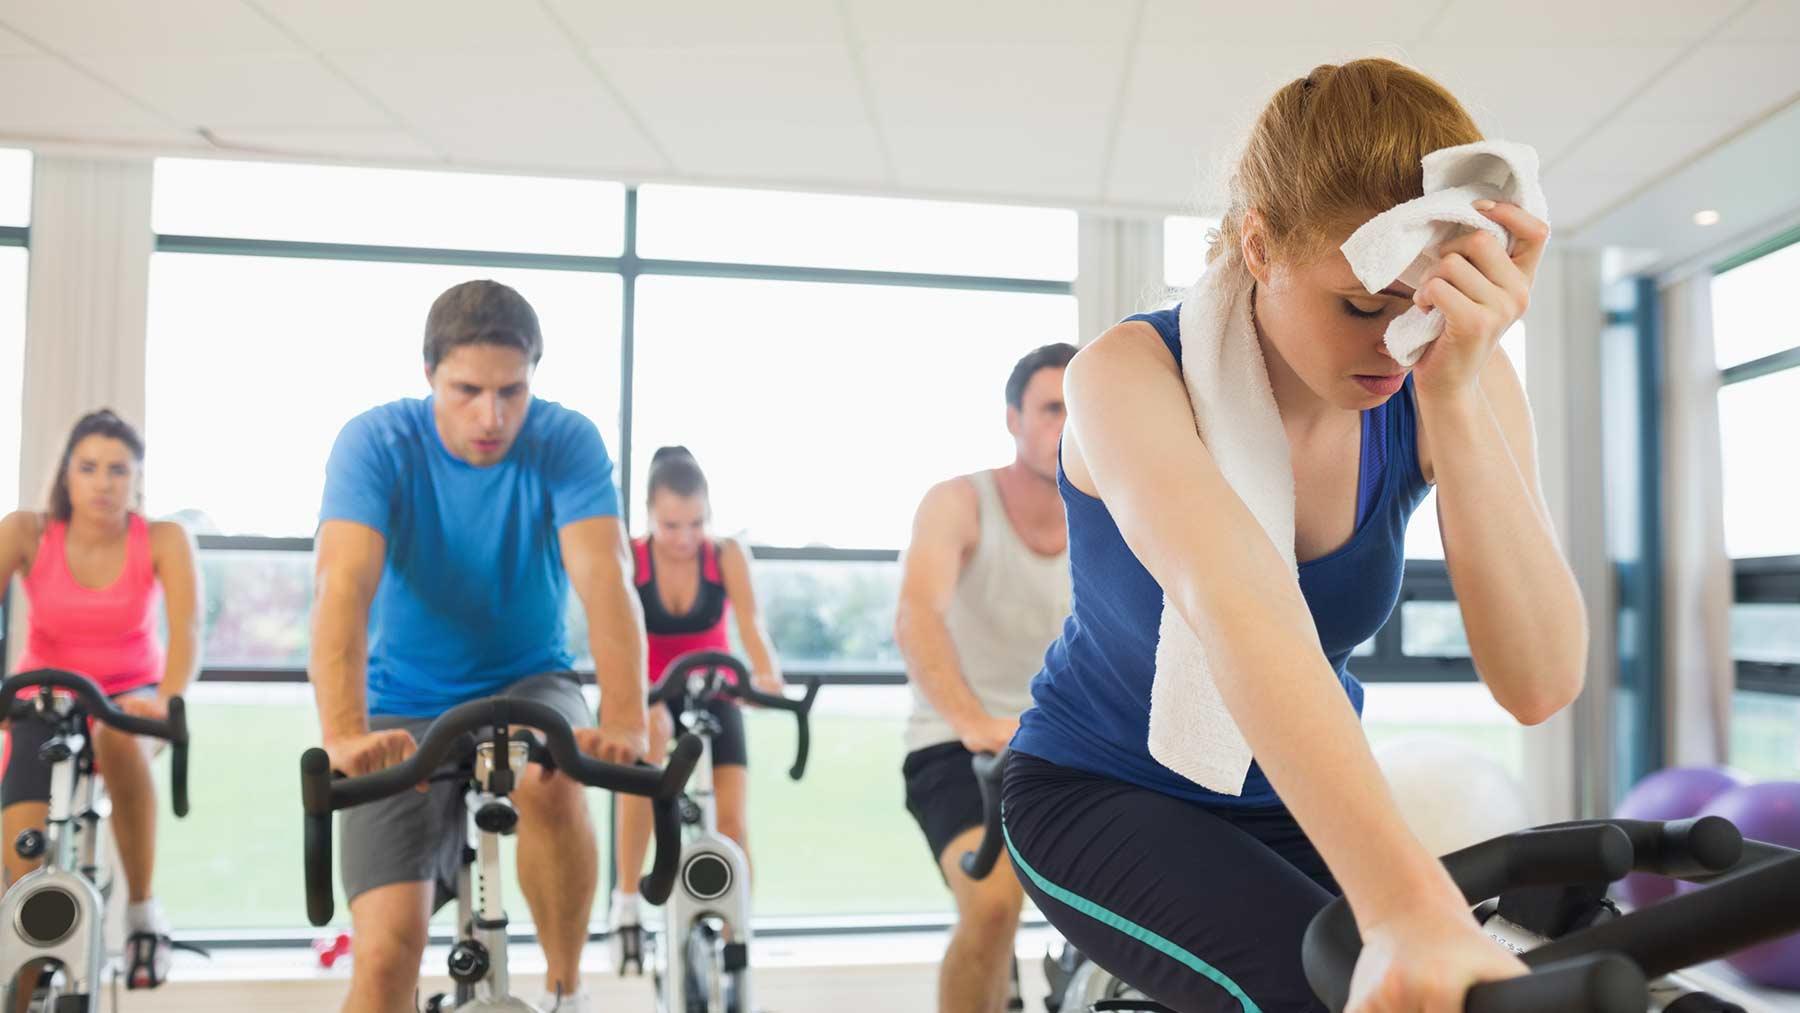 6 Condições Físicas Em Que Você Não Deve Ir à Academia